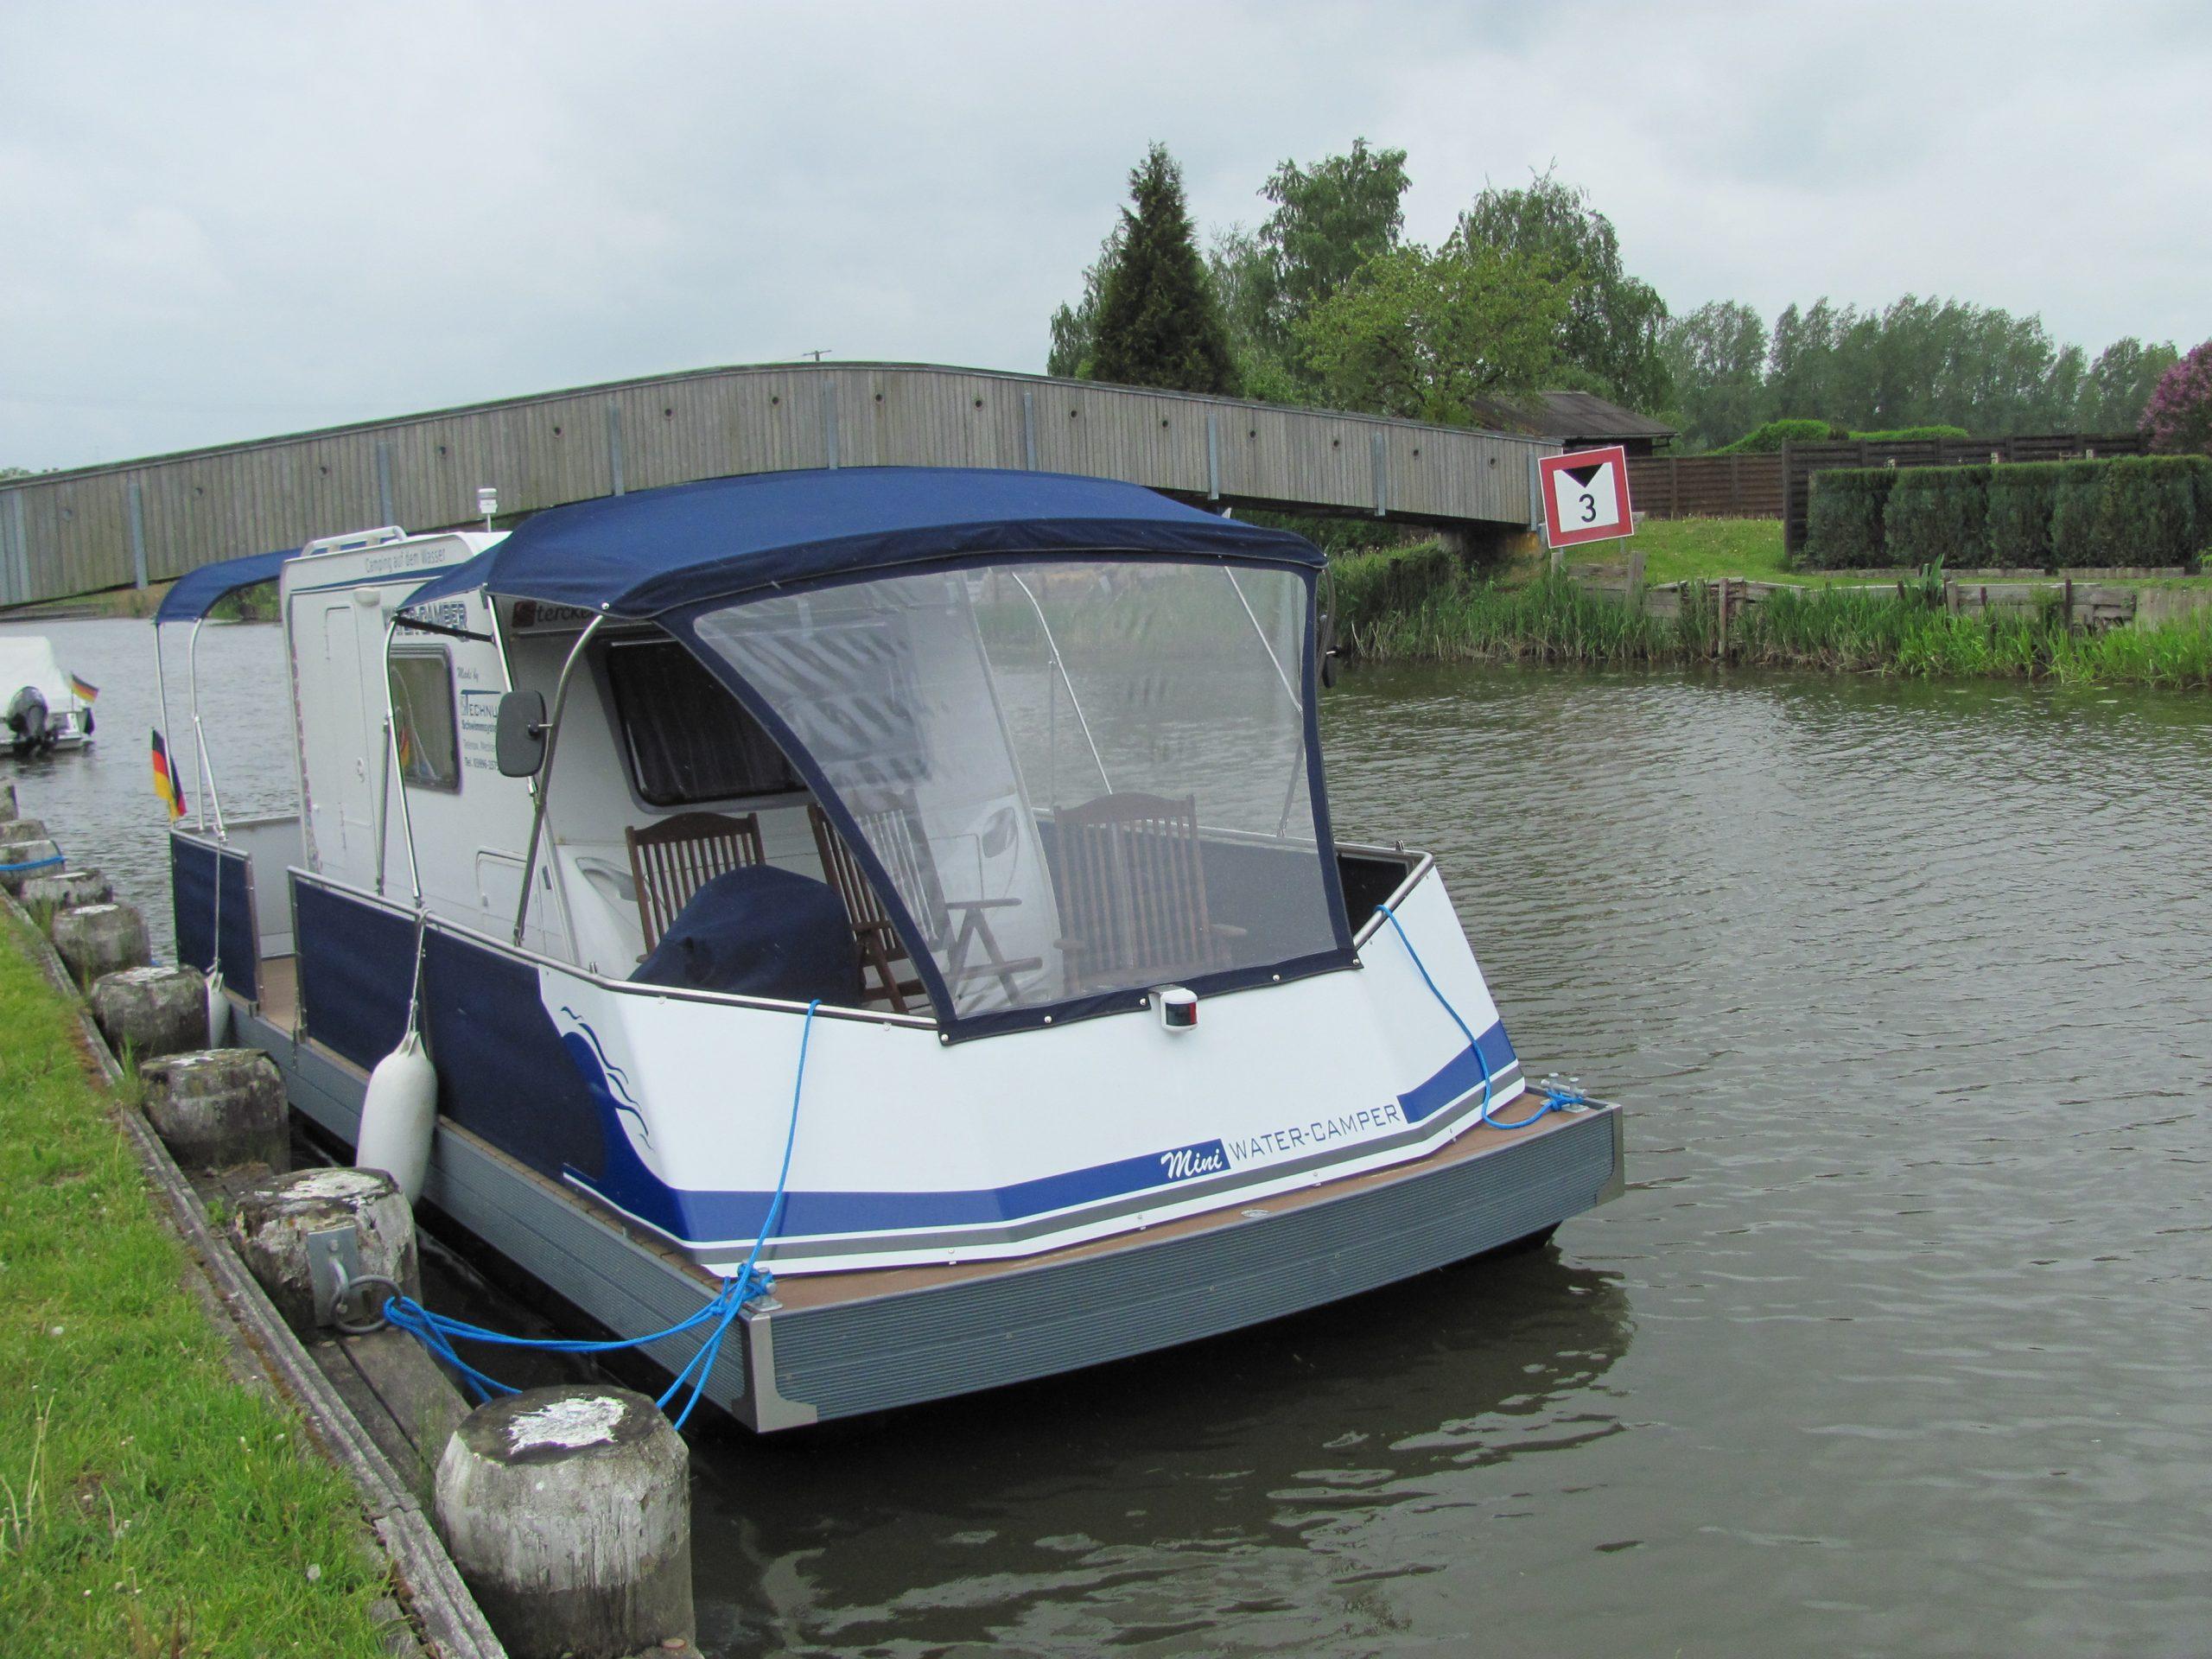 Frontansicht eines festgemachten WaterCampers im Kanal